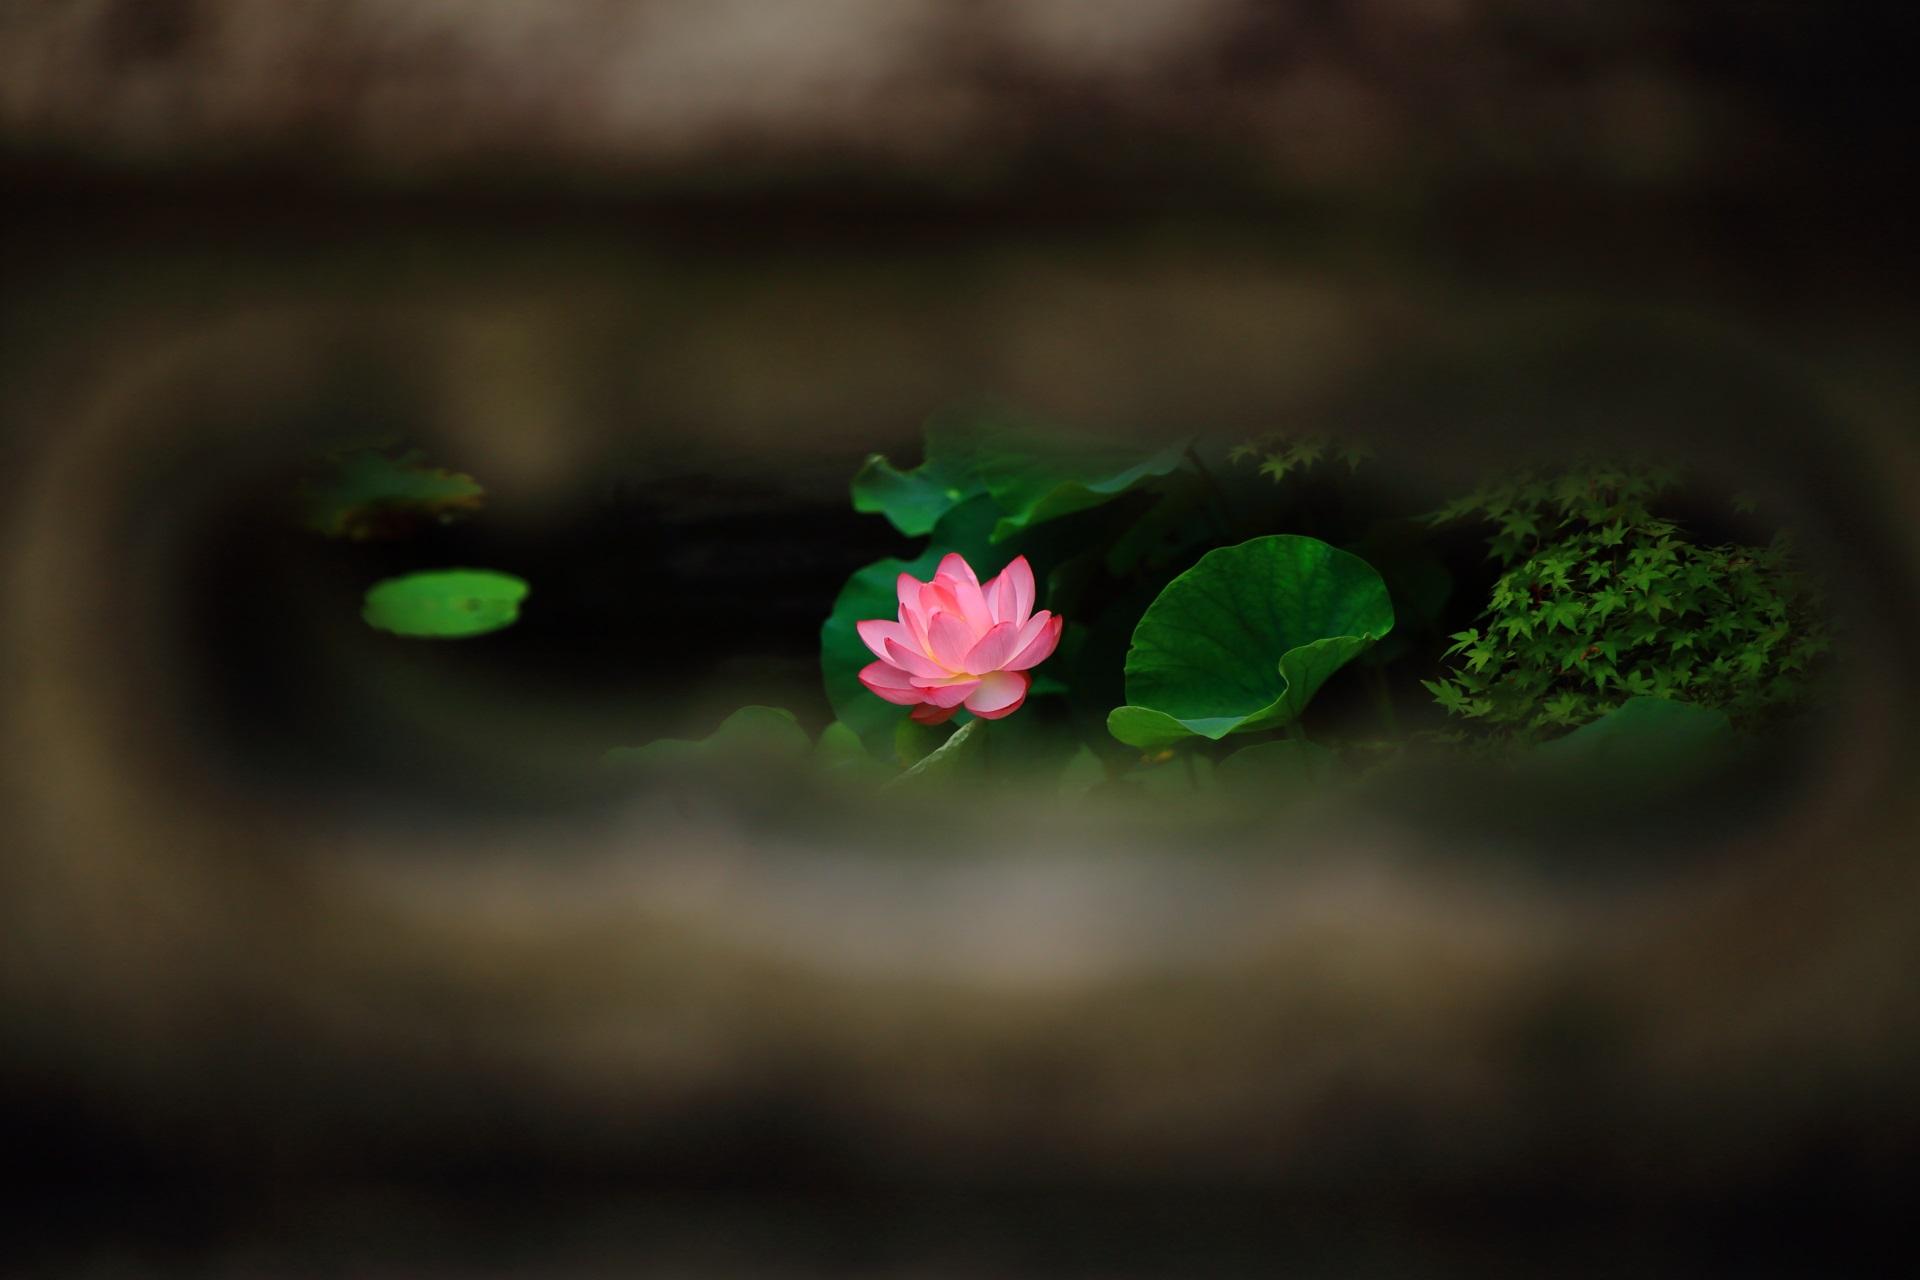 大谷本廟の石橋の欄干から眺めた蓮の花と青もみじ